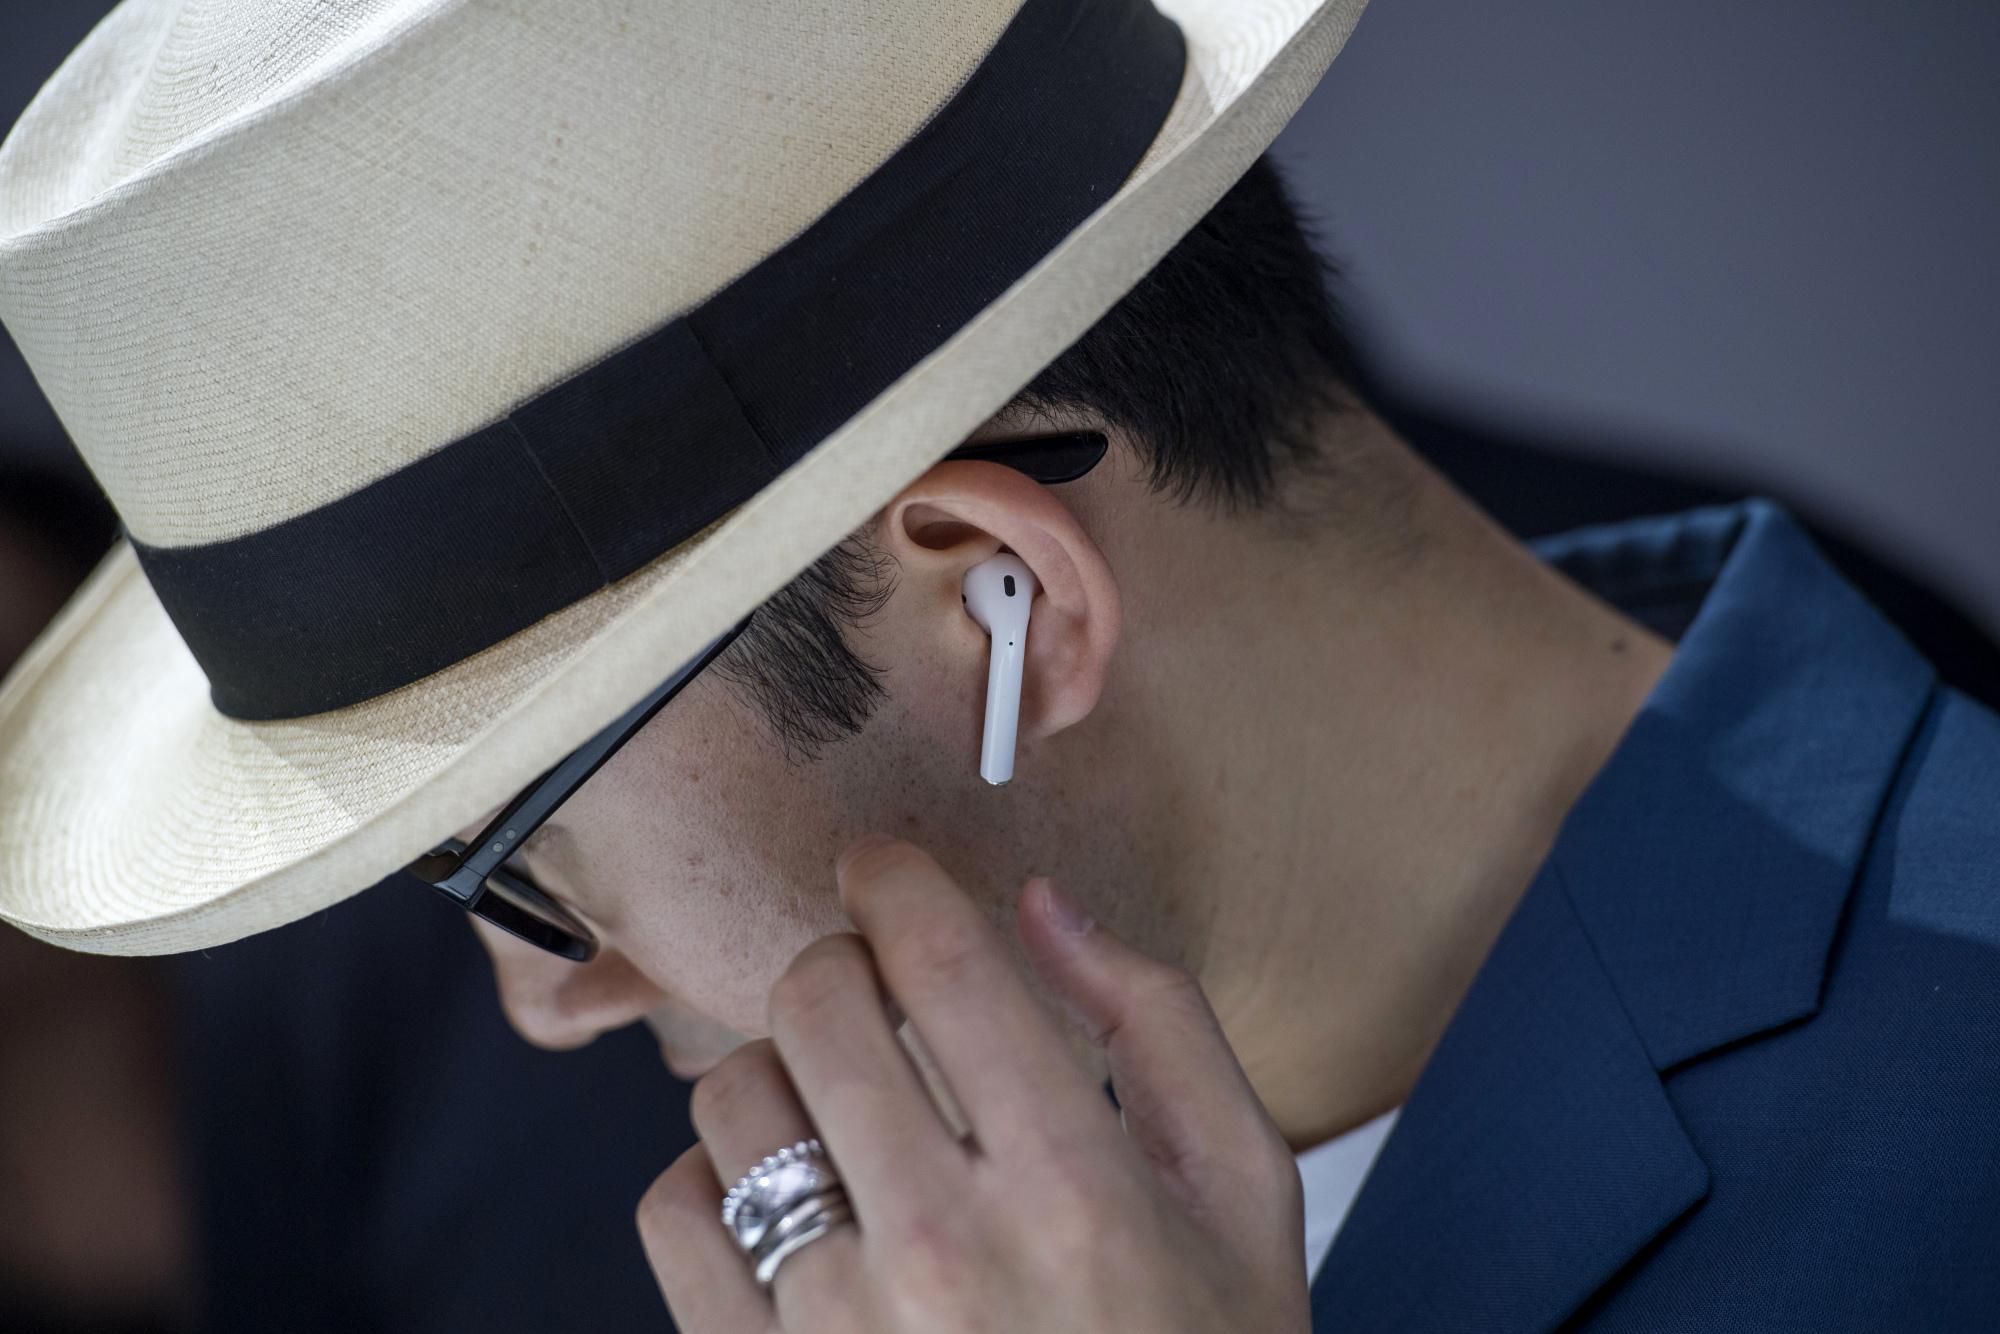 アップル、ワイヤレスイヤホン「エアポッド」の改良を計画